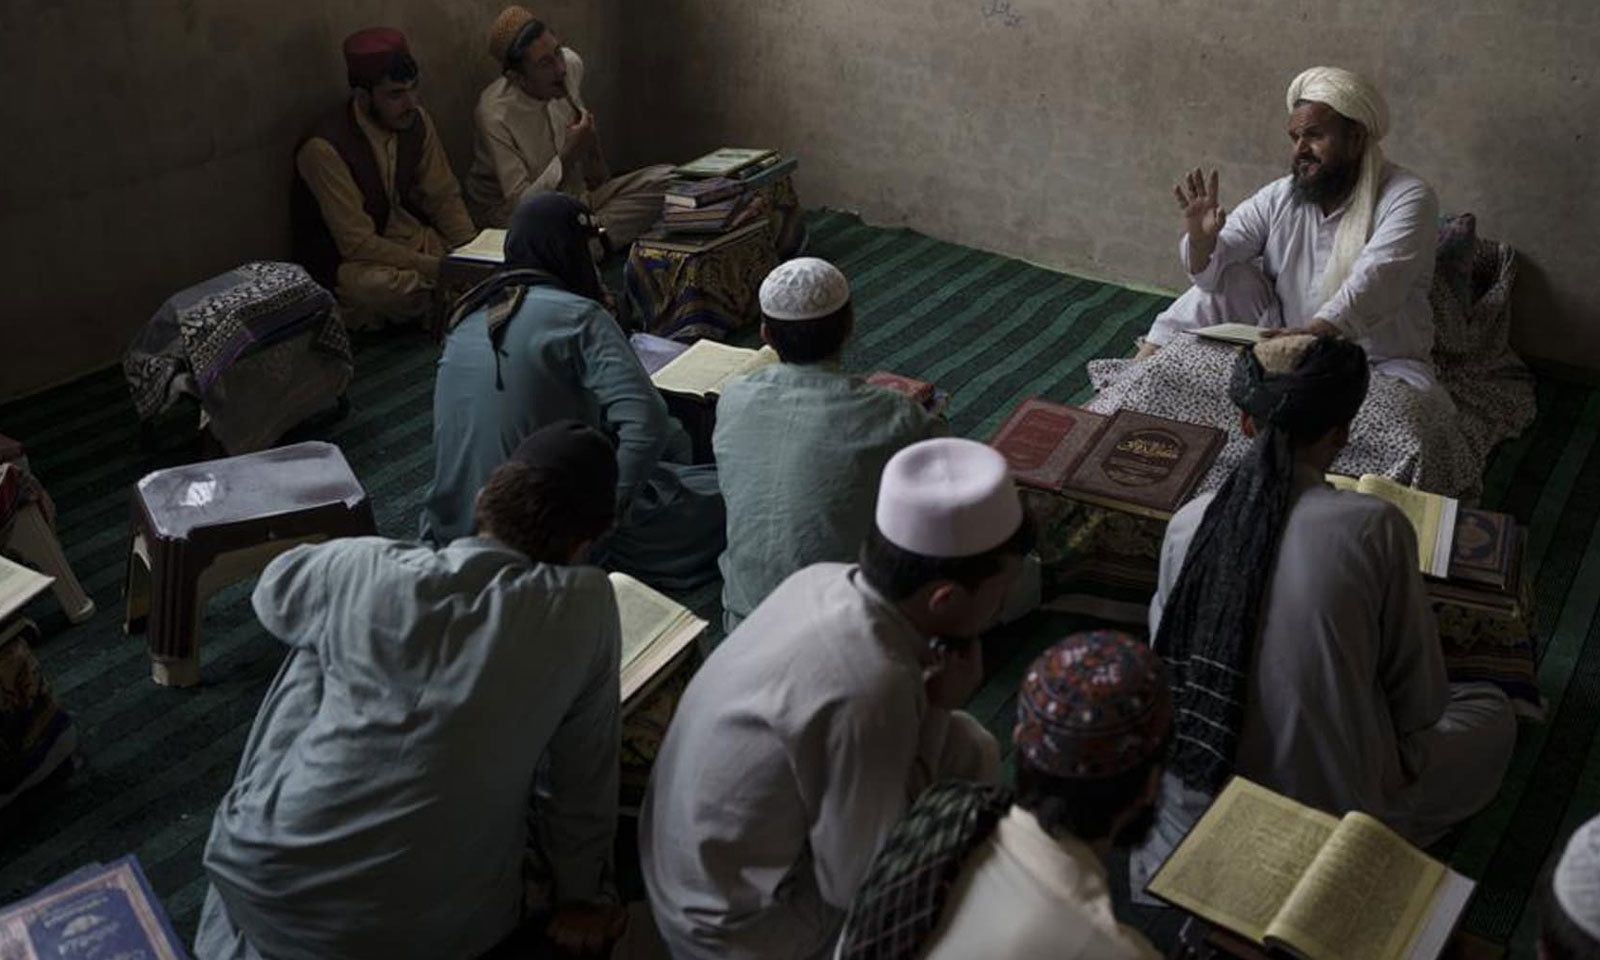 کابل کے مدرسے میں استاد طلبا سے گفتگو کررہا ہے —فوٹو: اے پی